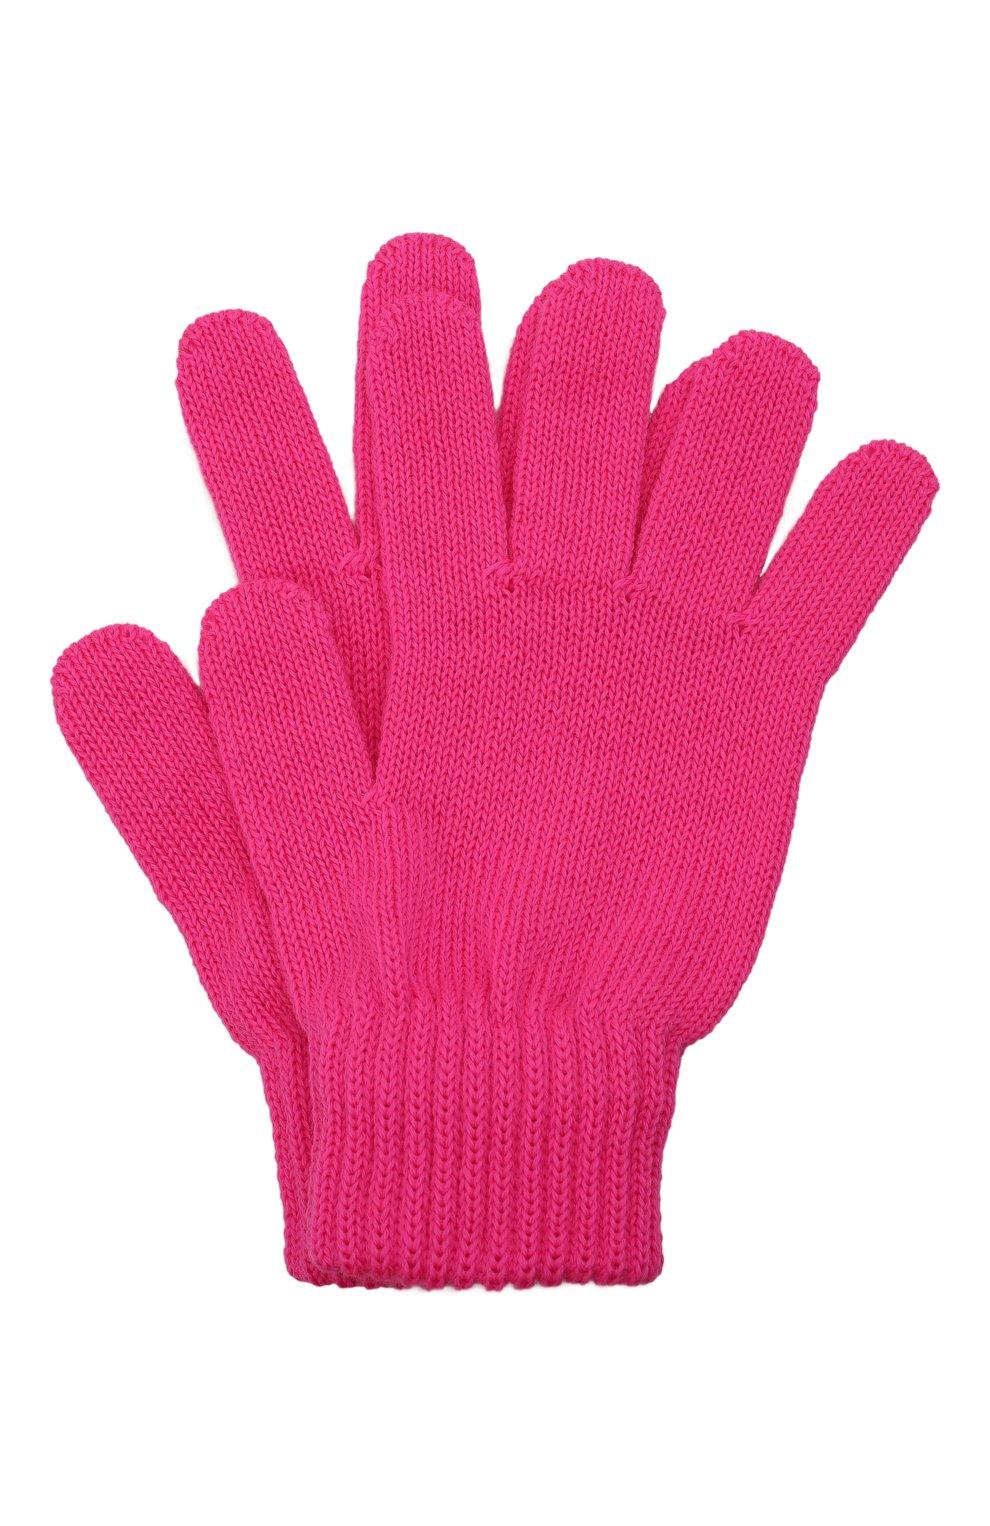 Детские шерстяные перчатки CATYA фуксия цвета, арт. 125545   Фото 1 (Материал: Шерсть)